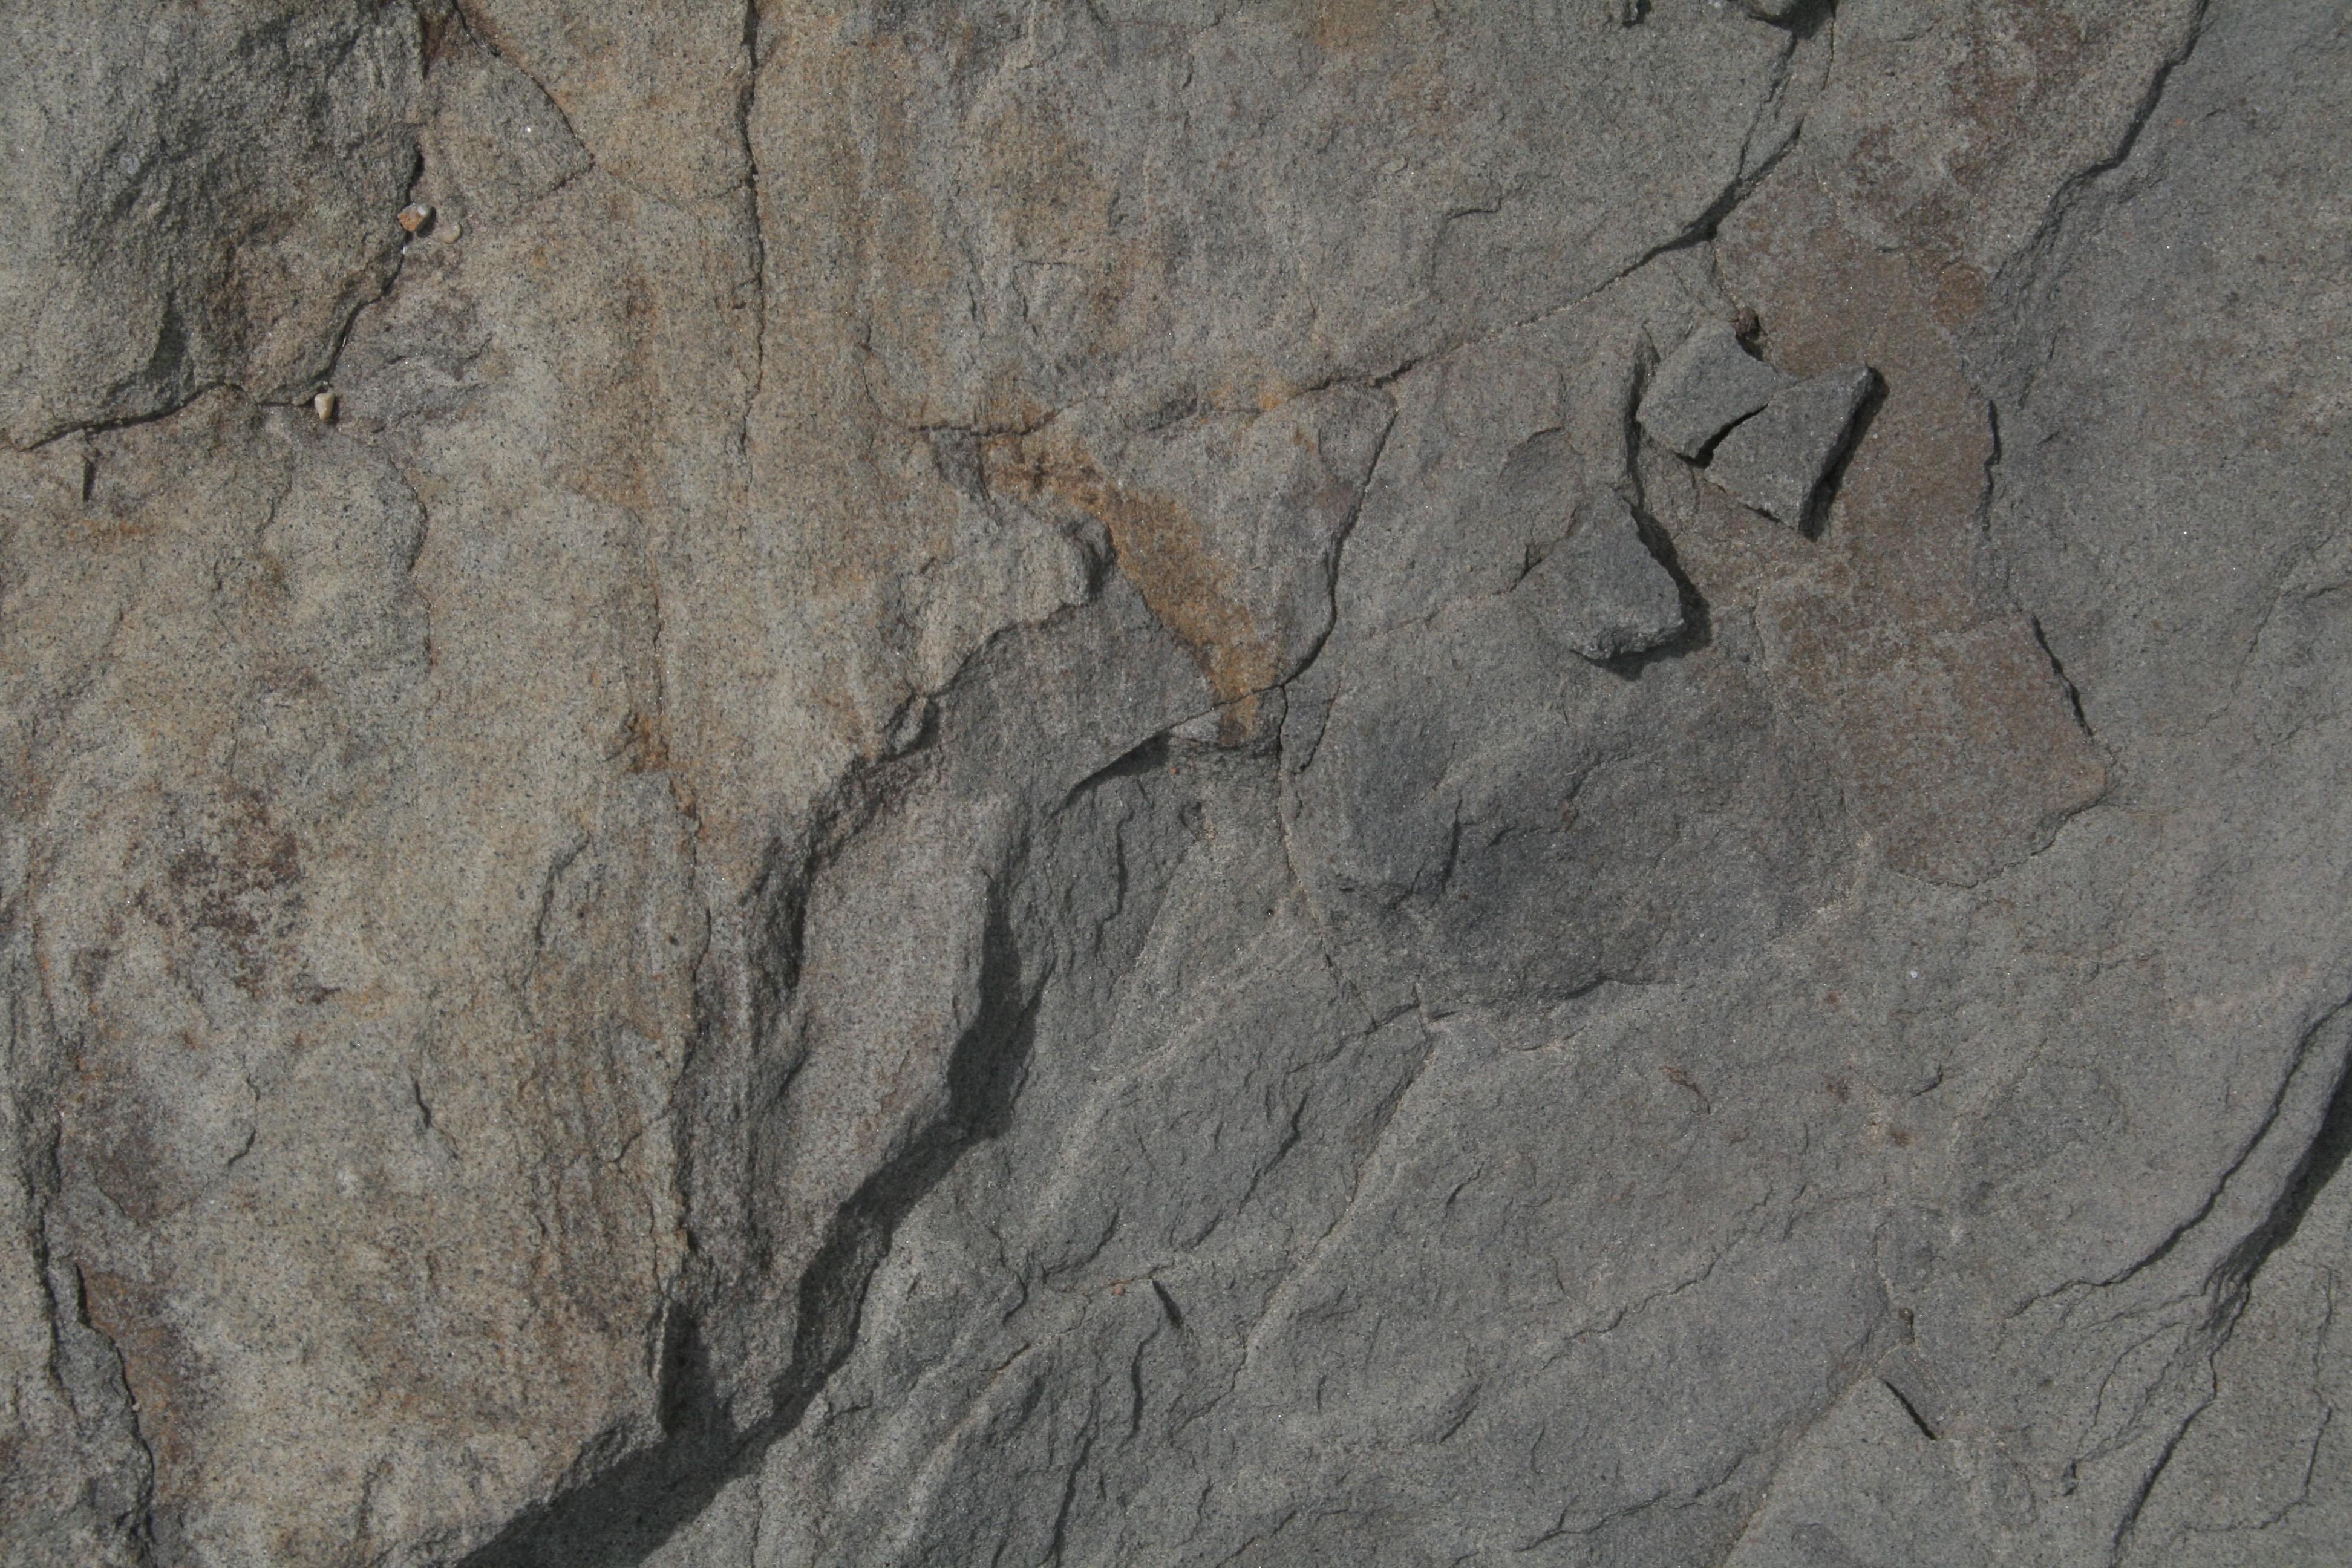 Rock Texture | Texturemate.com